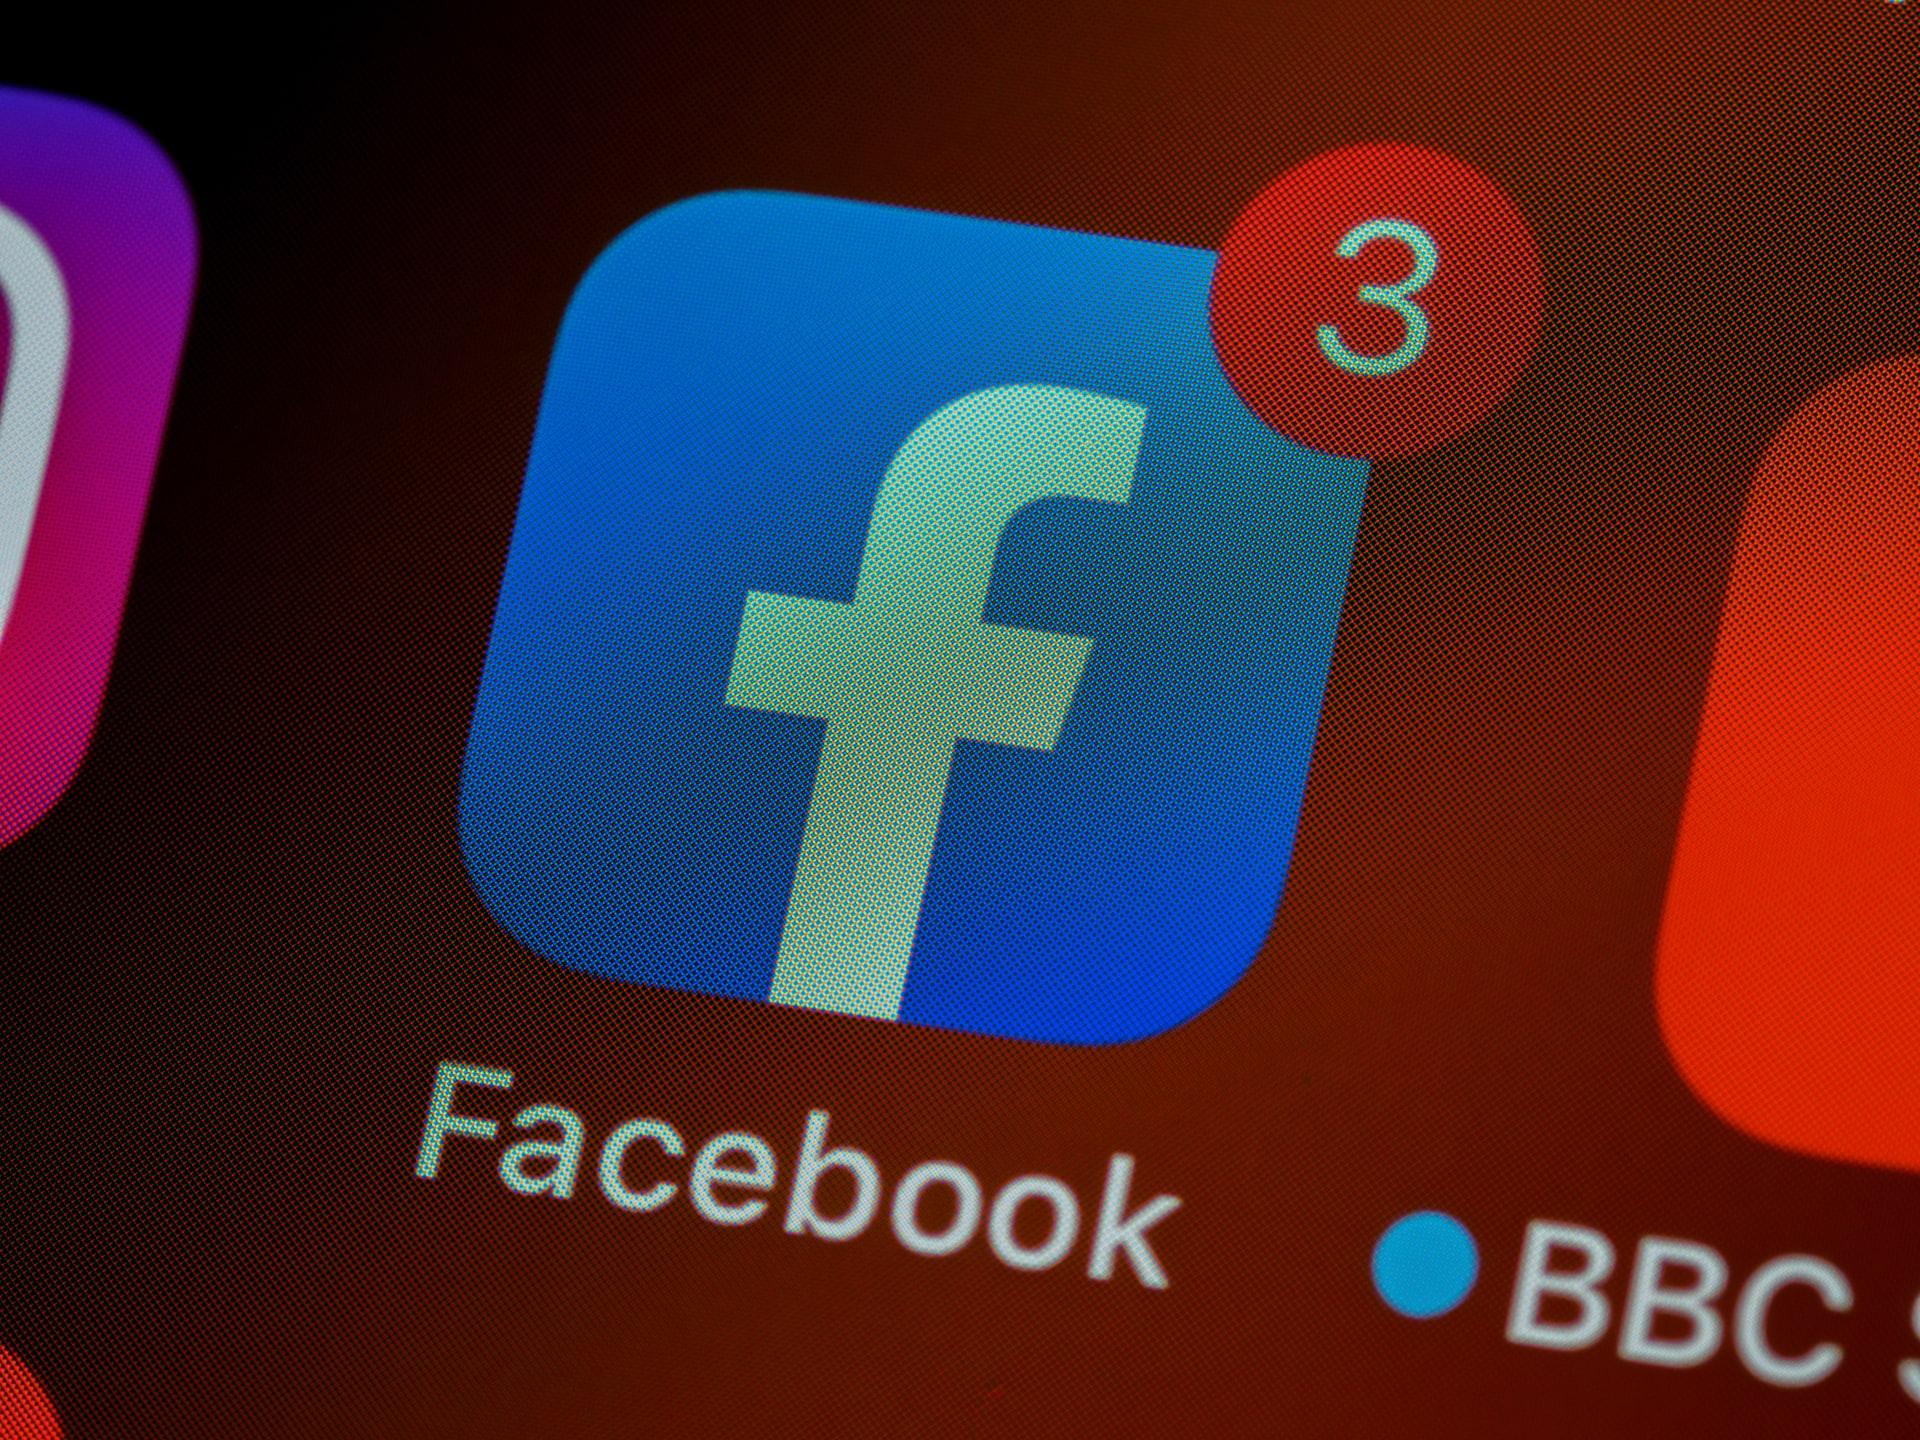 Google Play Store'da büyük skandal! Bu programları indirdiyseniz sizin de şifreleriniz çalınmış olabilir!